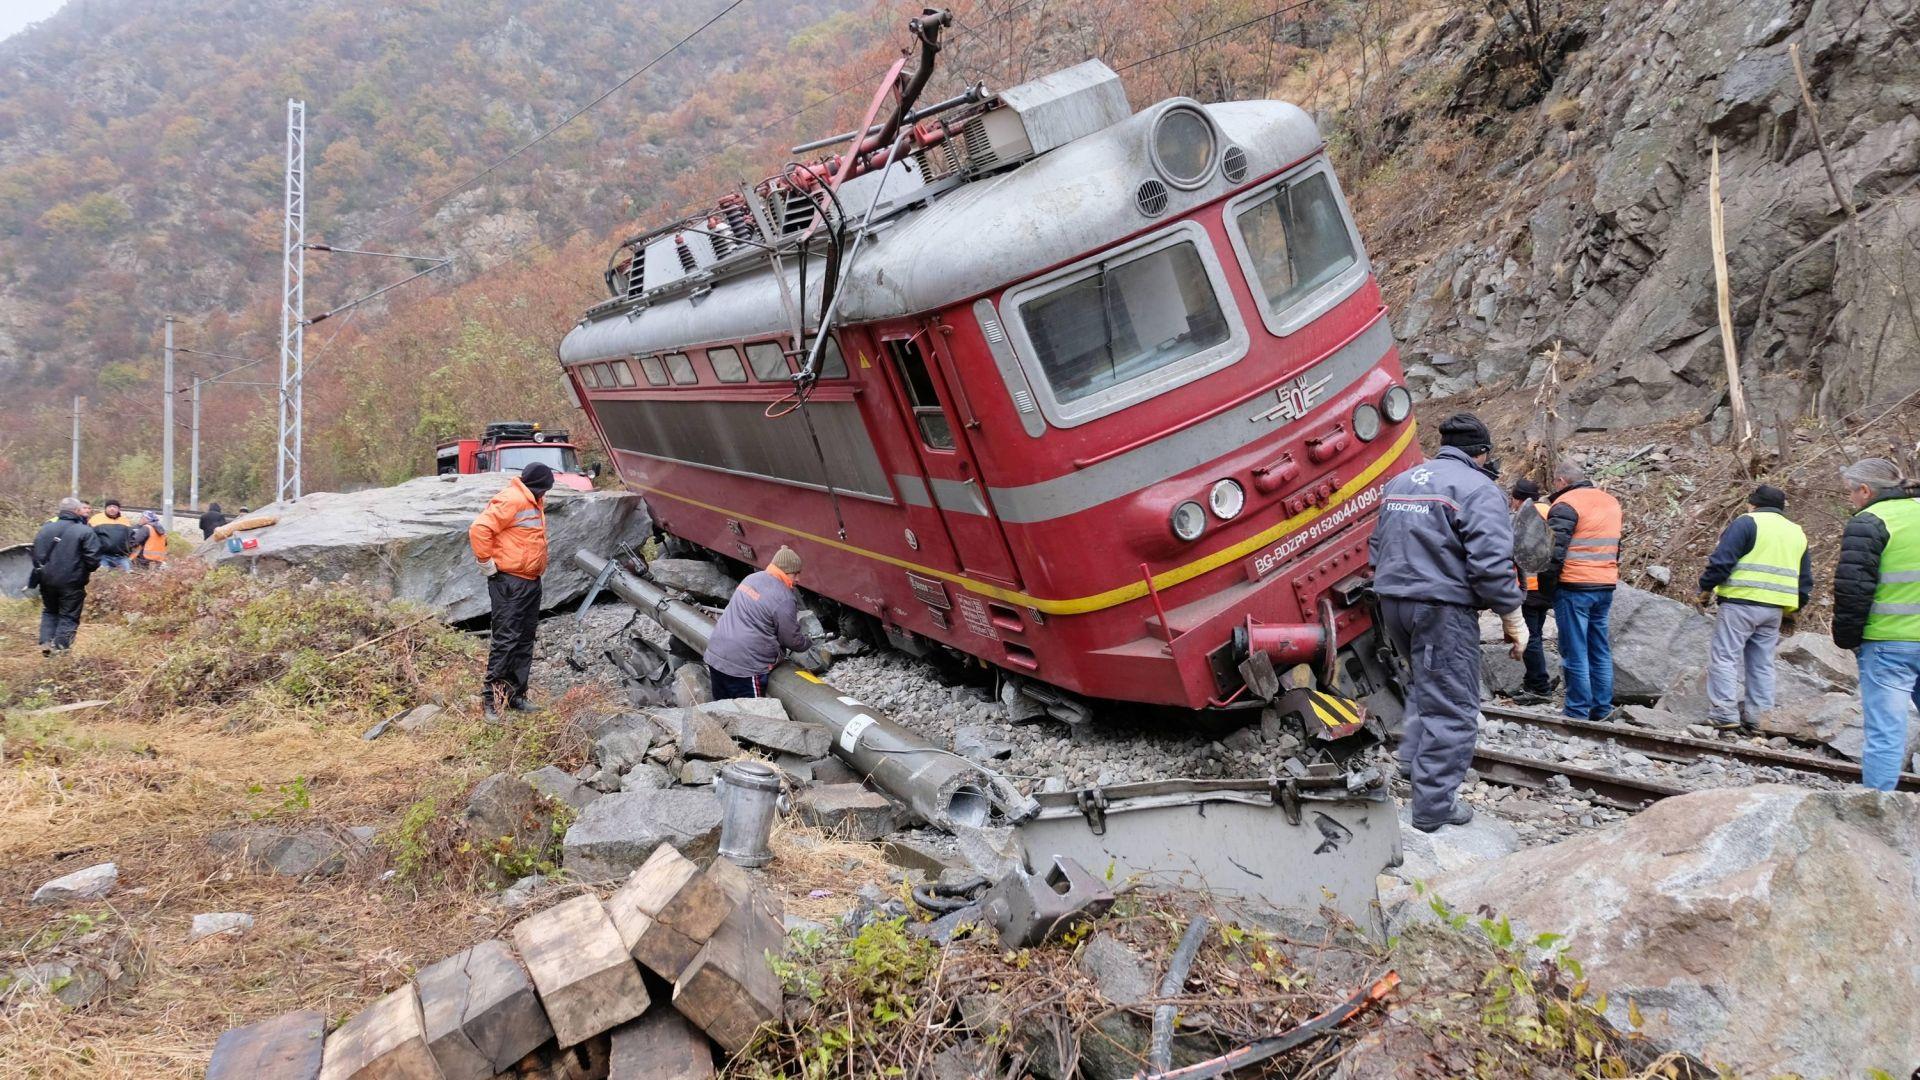 Възстановено е движението на влаковете в Кресненското дефиле след катастрофата